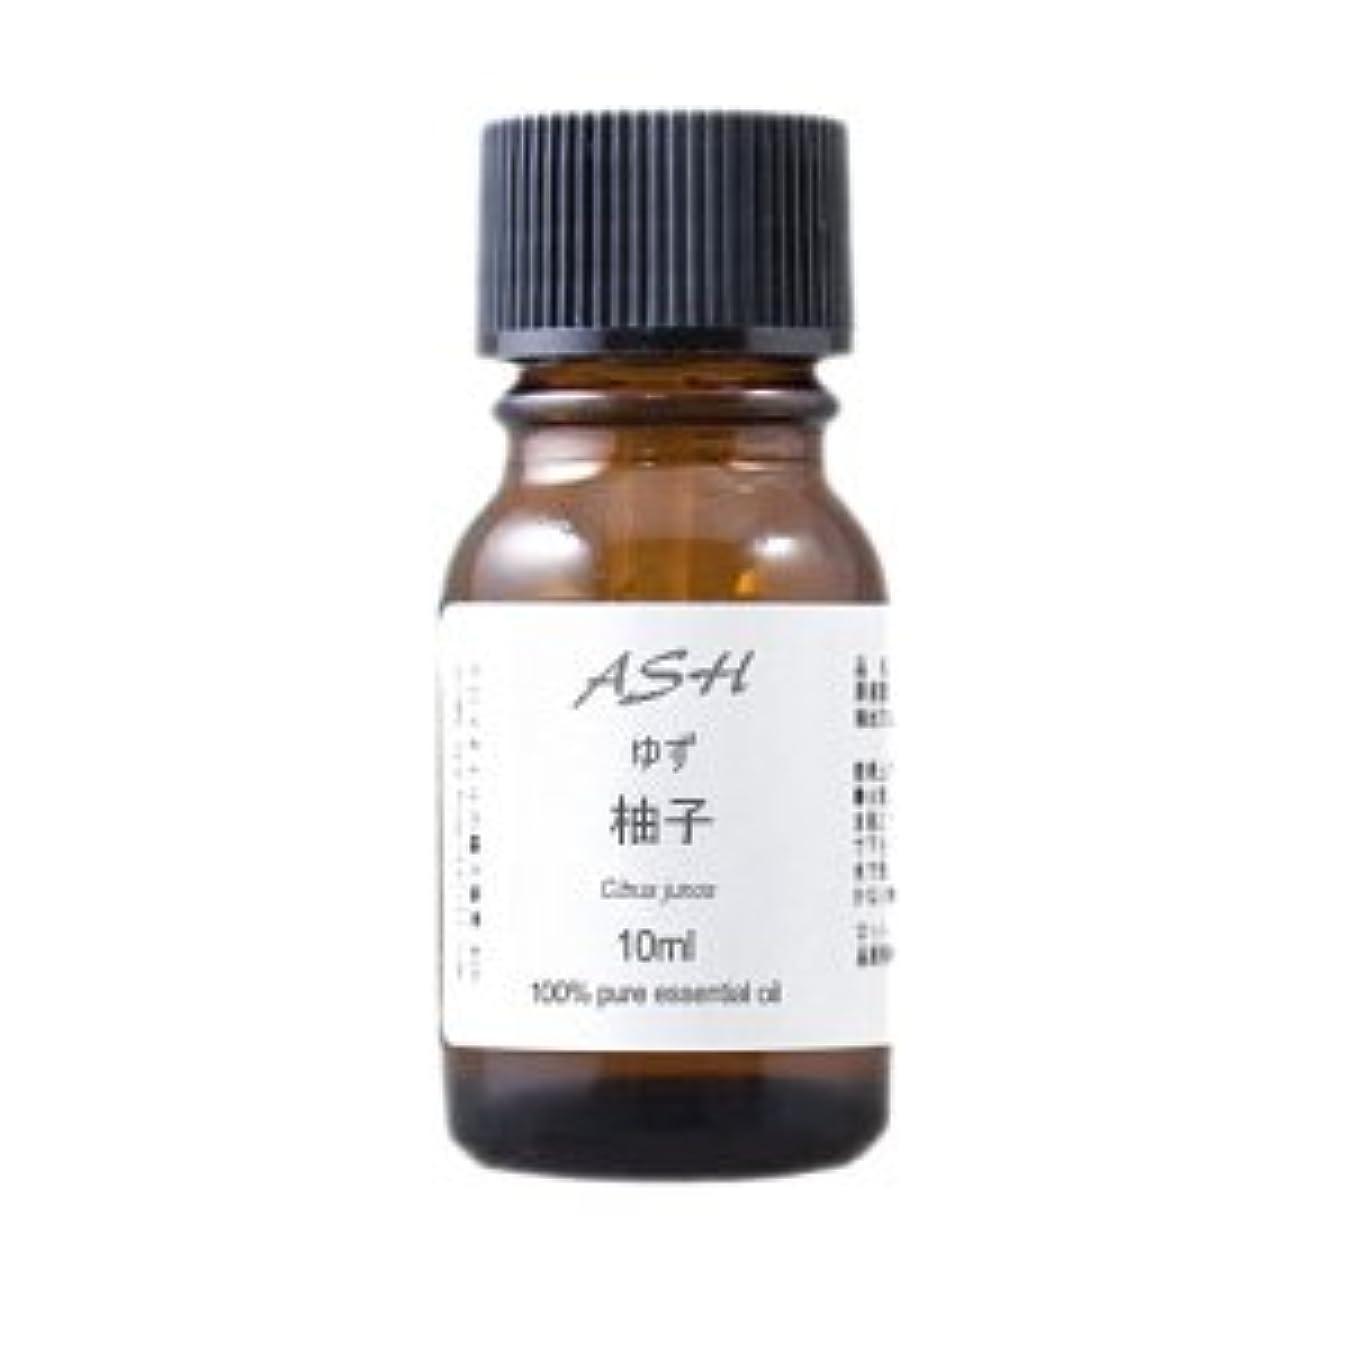 摂氏ロッドチャーターASH 柚子 (ゆず) エッセンシャルオイル 10ml 【和精油】【Yuzu Essential Oil-Japan】 AEAJ表示基準適合認定精油